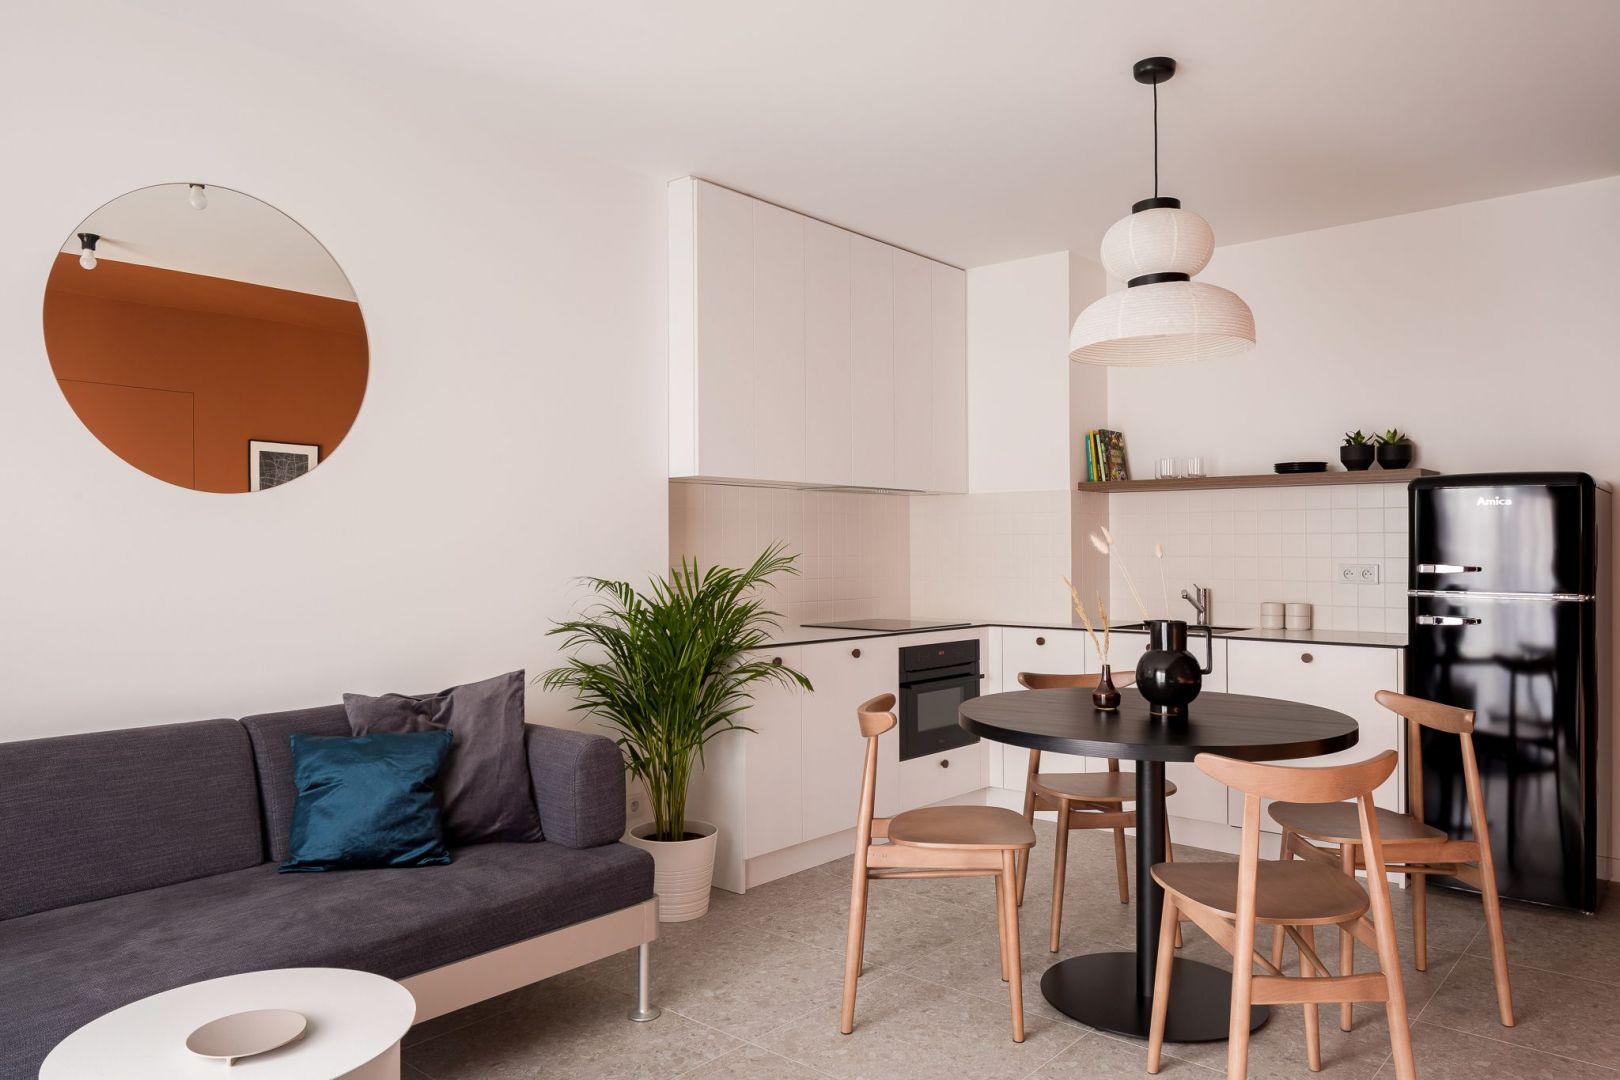 Nieduży salon został połączony z kuchnią oraz z jadalnią. Projekt: pracownia 3XEL. Fot. Dariusz Jarząbek